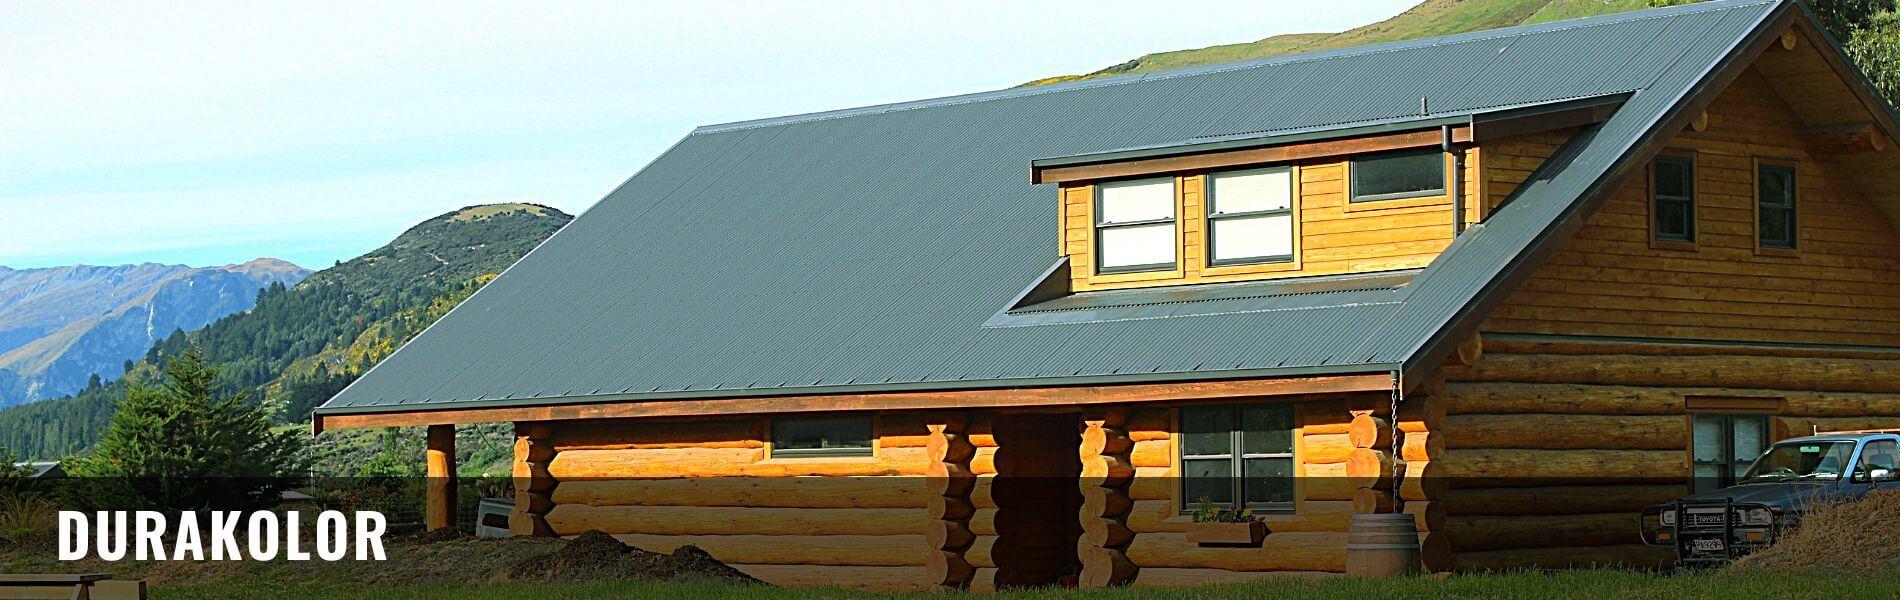 Home Durakolor Roofing Sheet Manufacturer